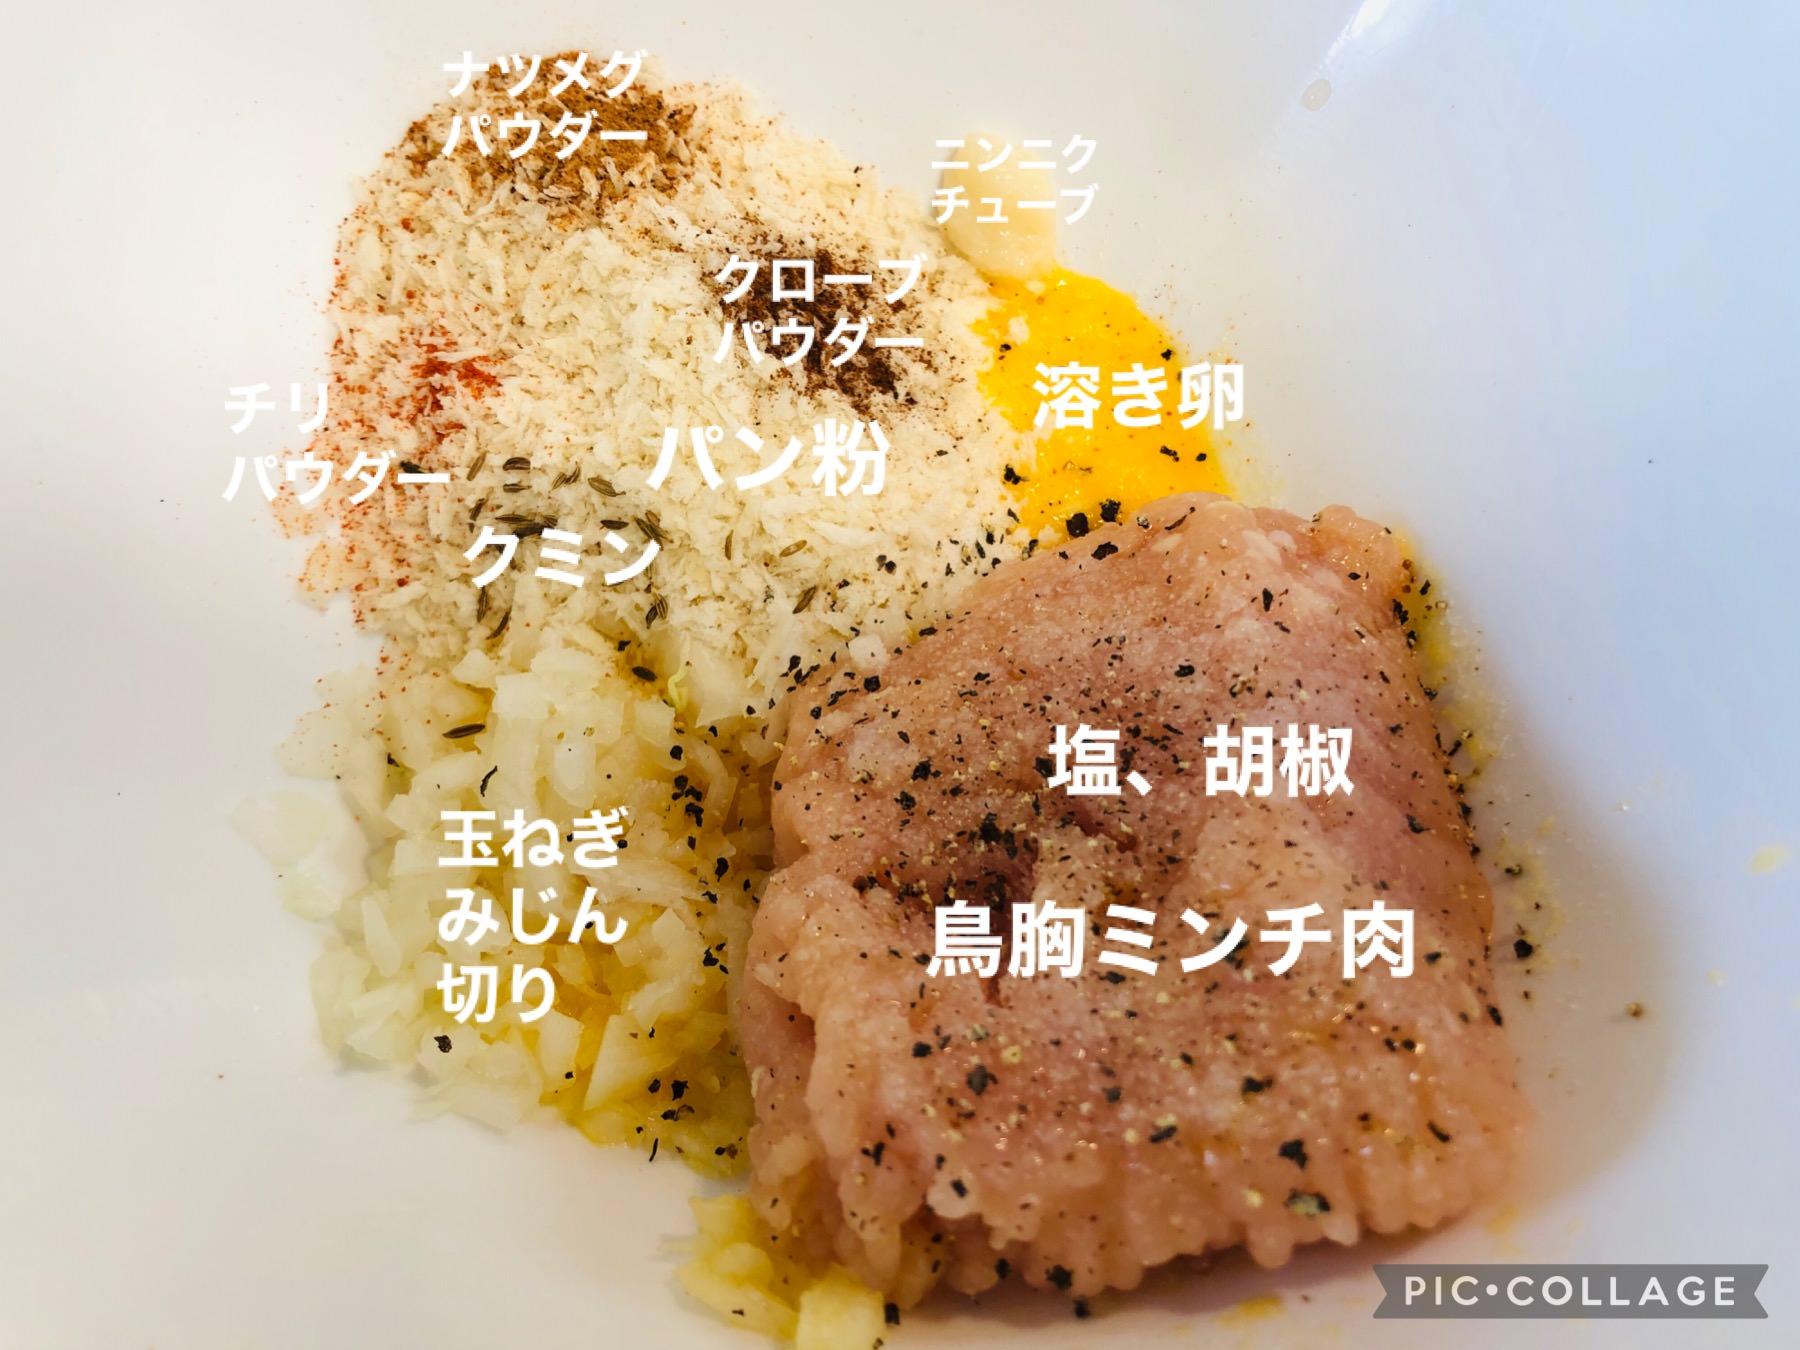 鶏むね肉団子の材料がボウルに入った画像です